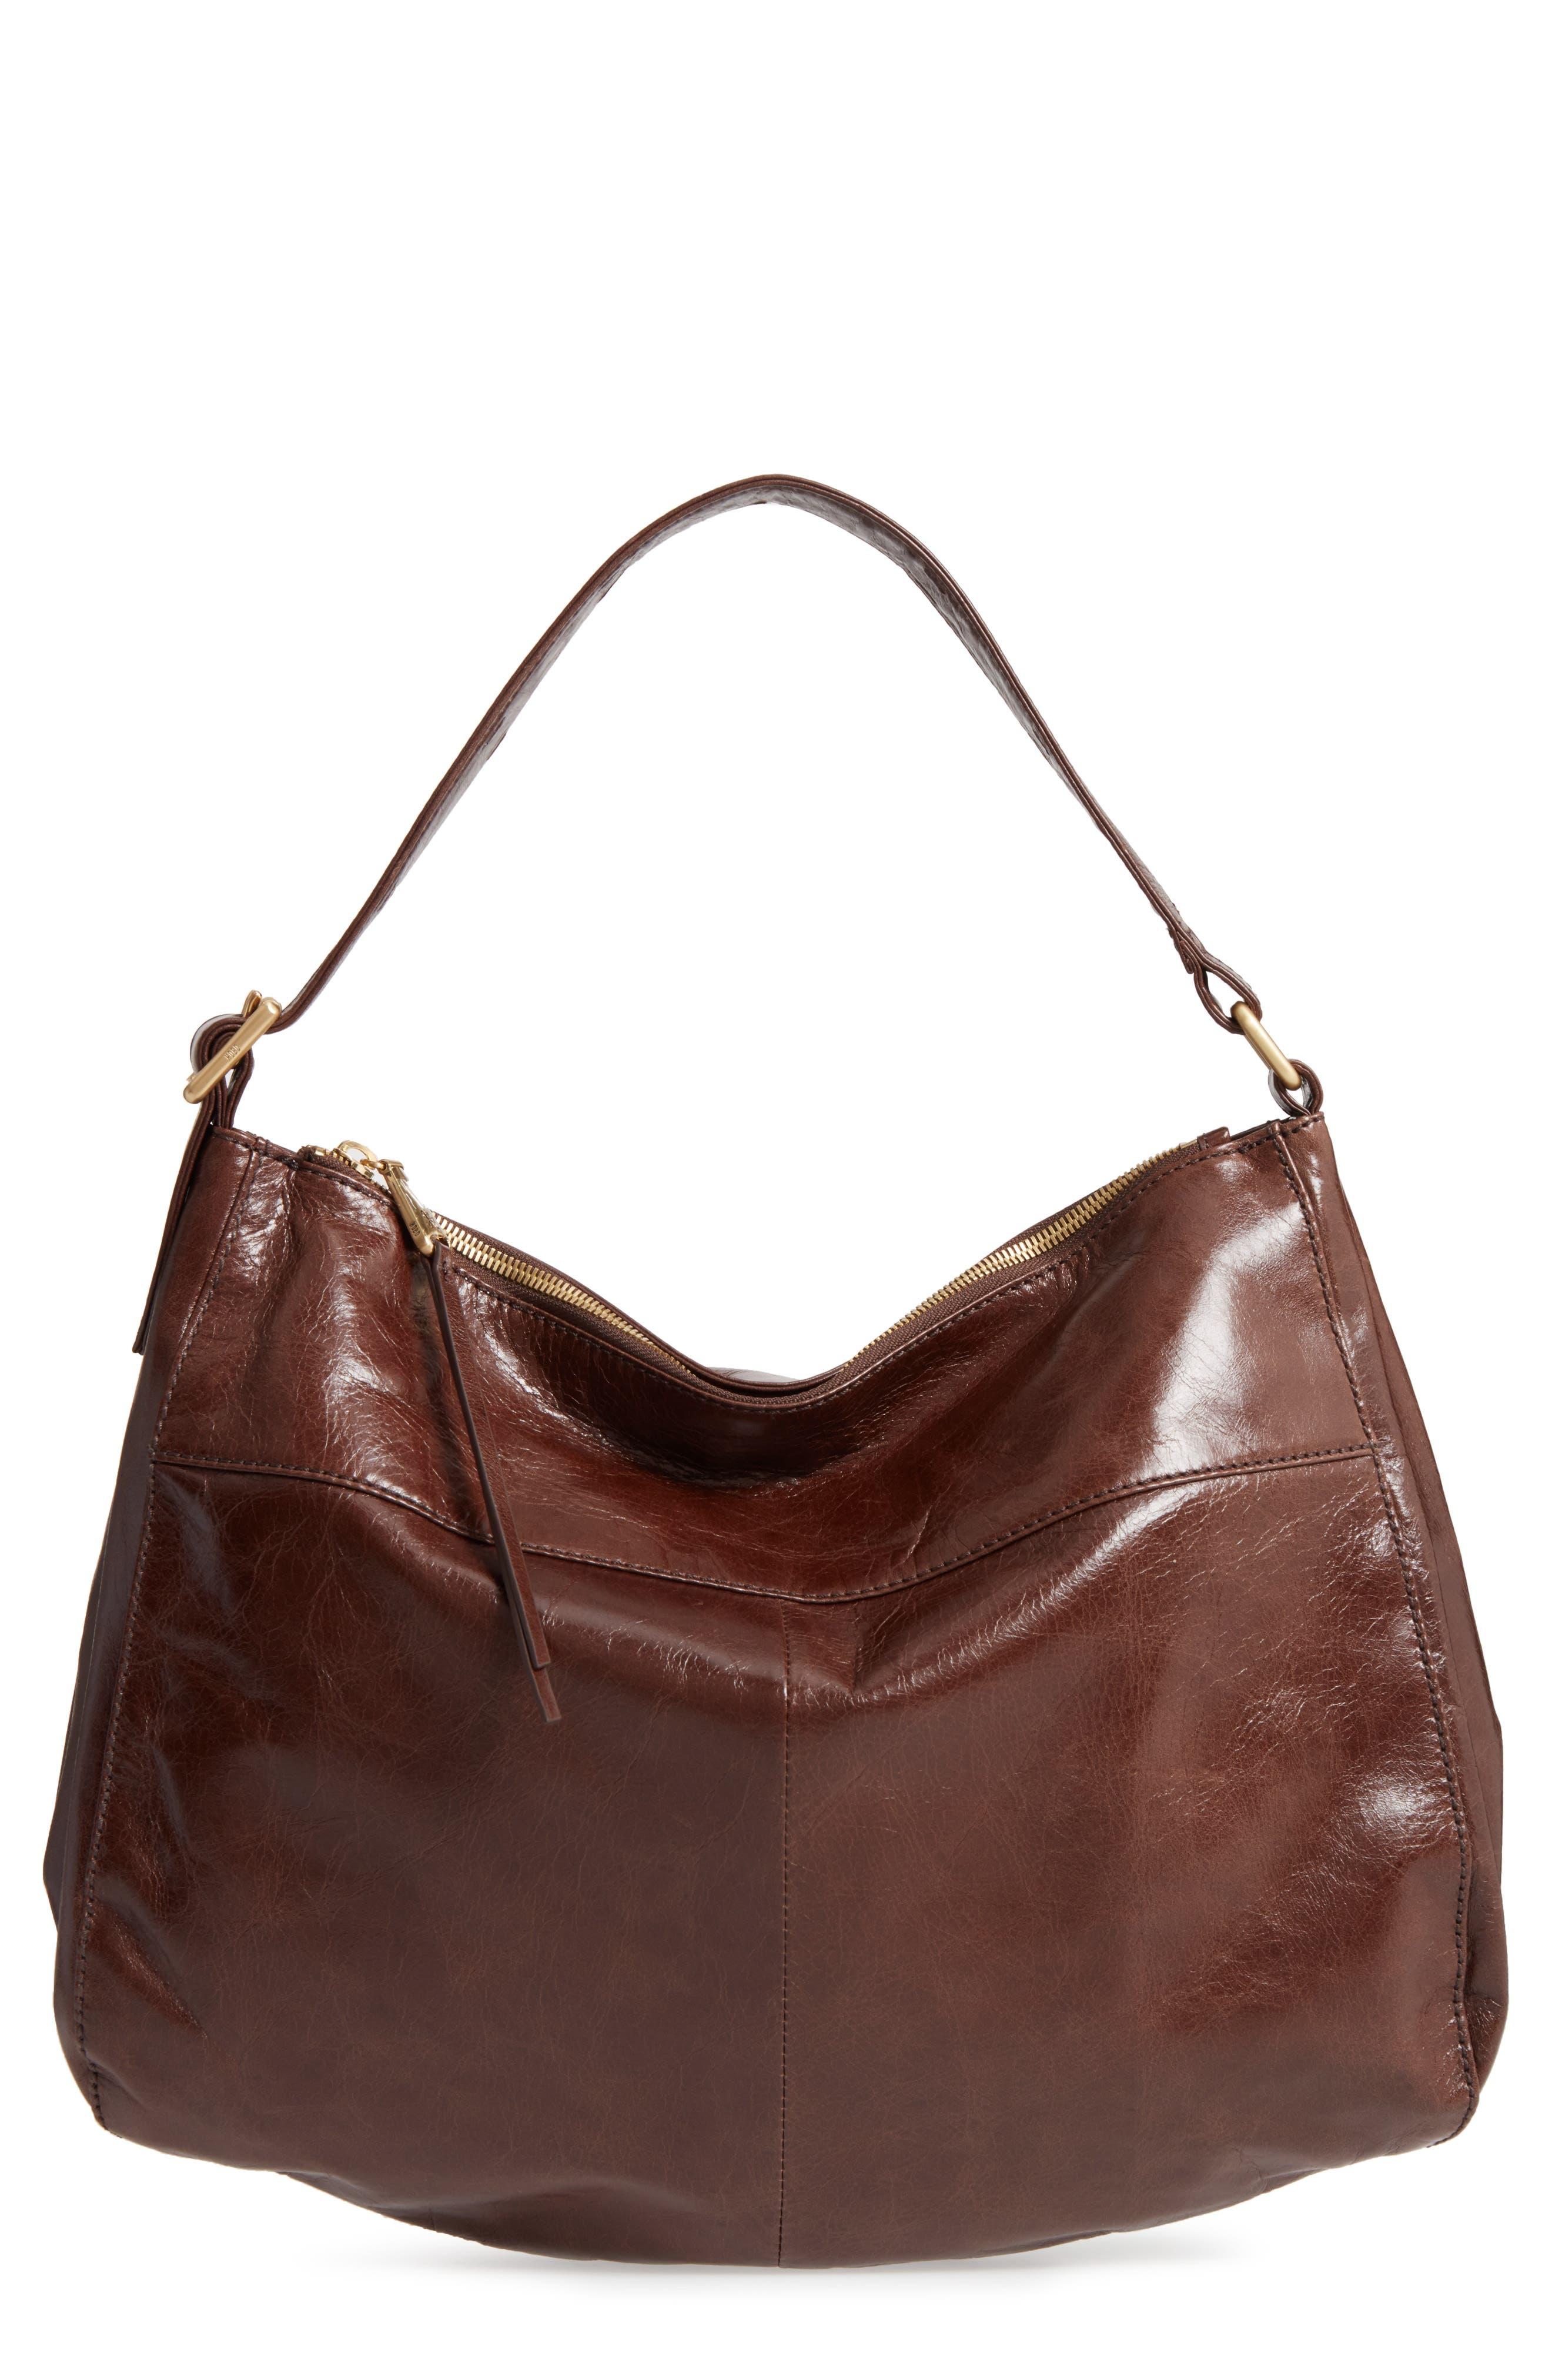 Hobo 'Quincy' Leather Hobo